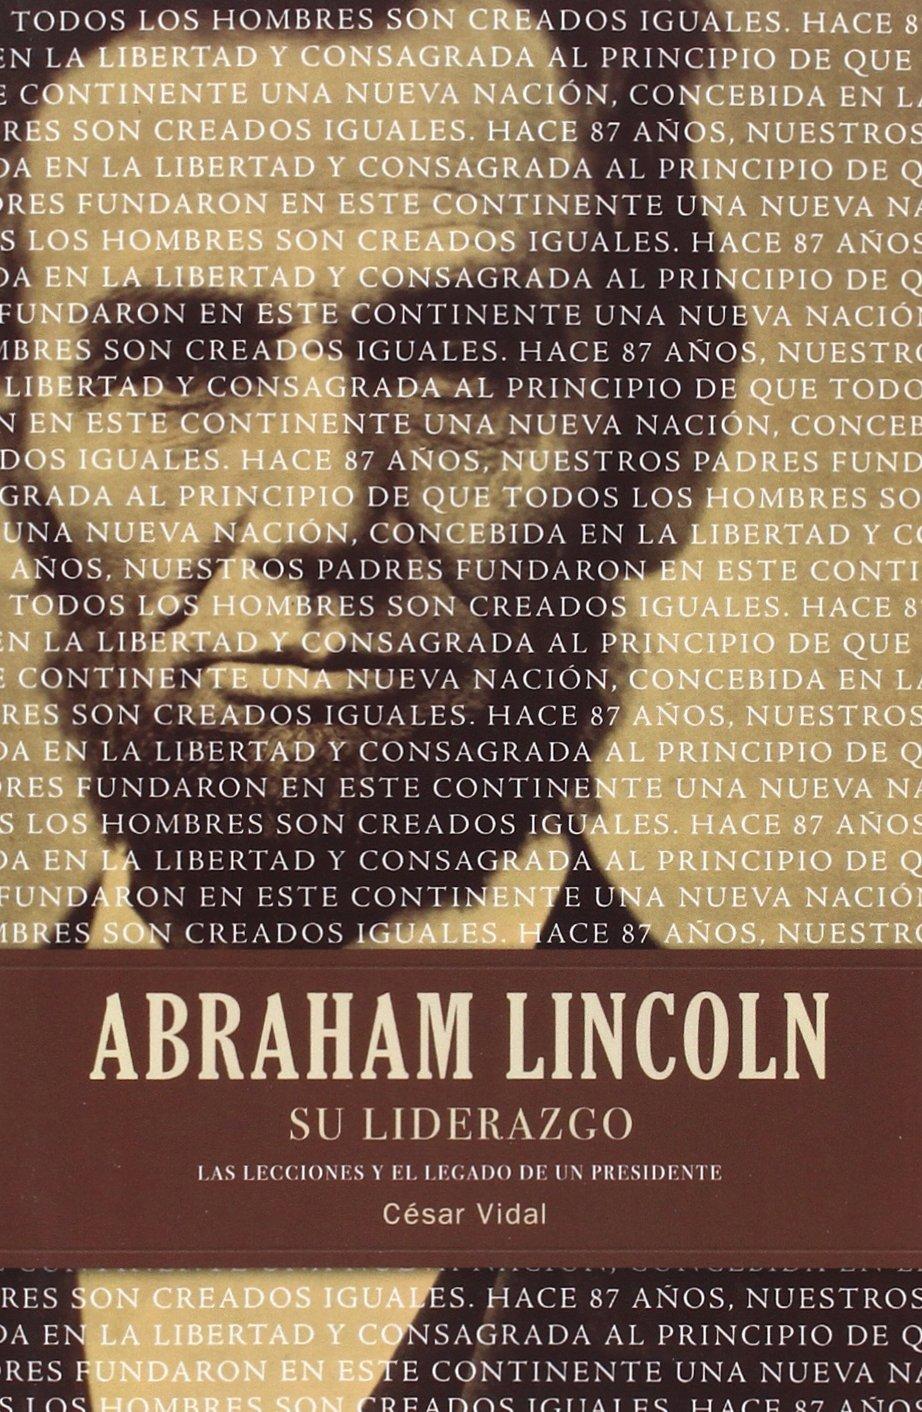 Abraham Lincoln su liderazgo: Las lecciones y el legado de ...